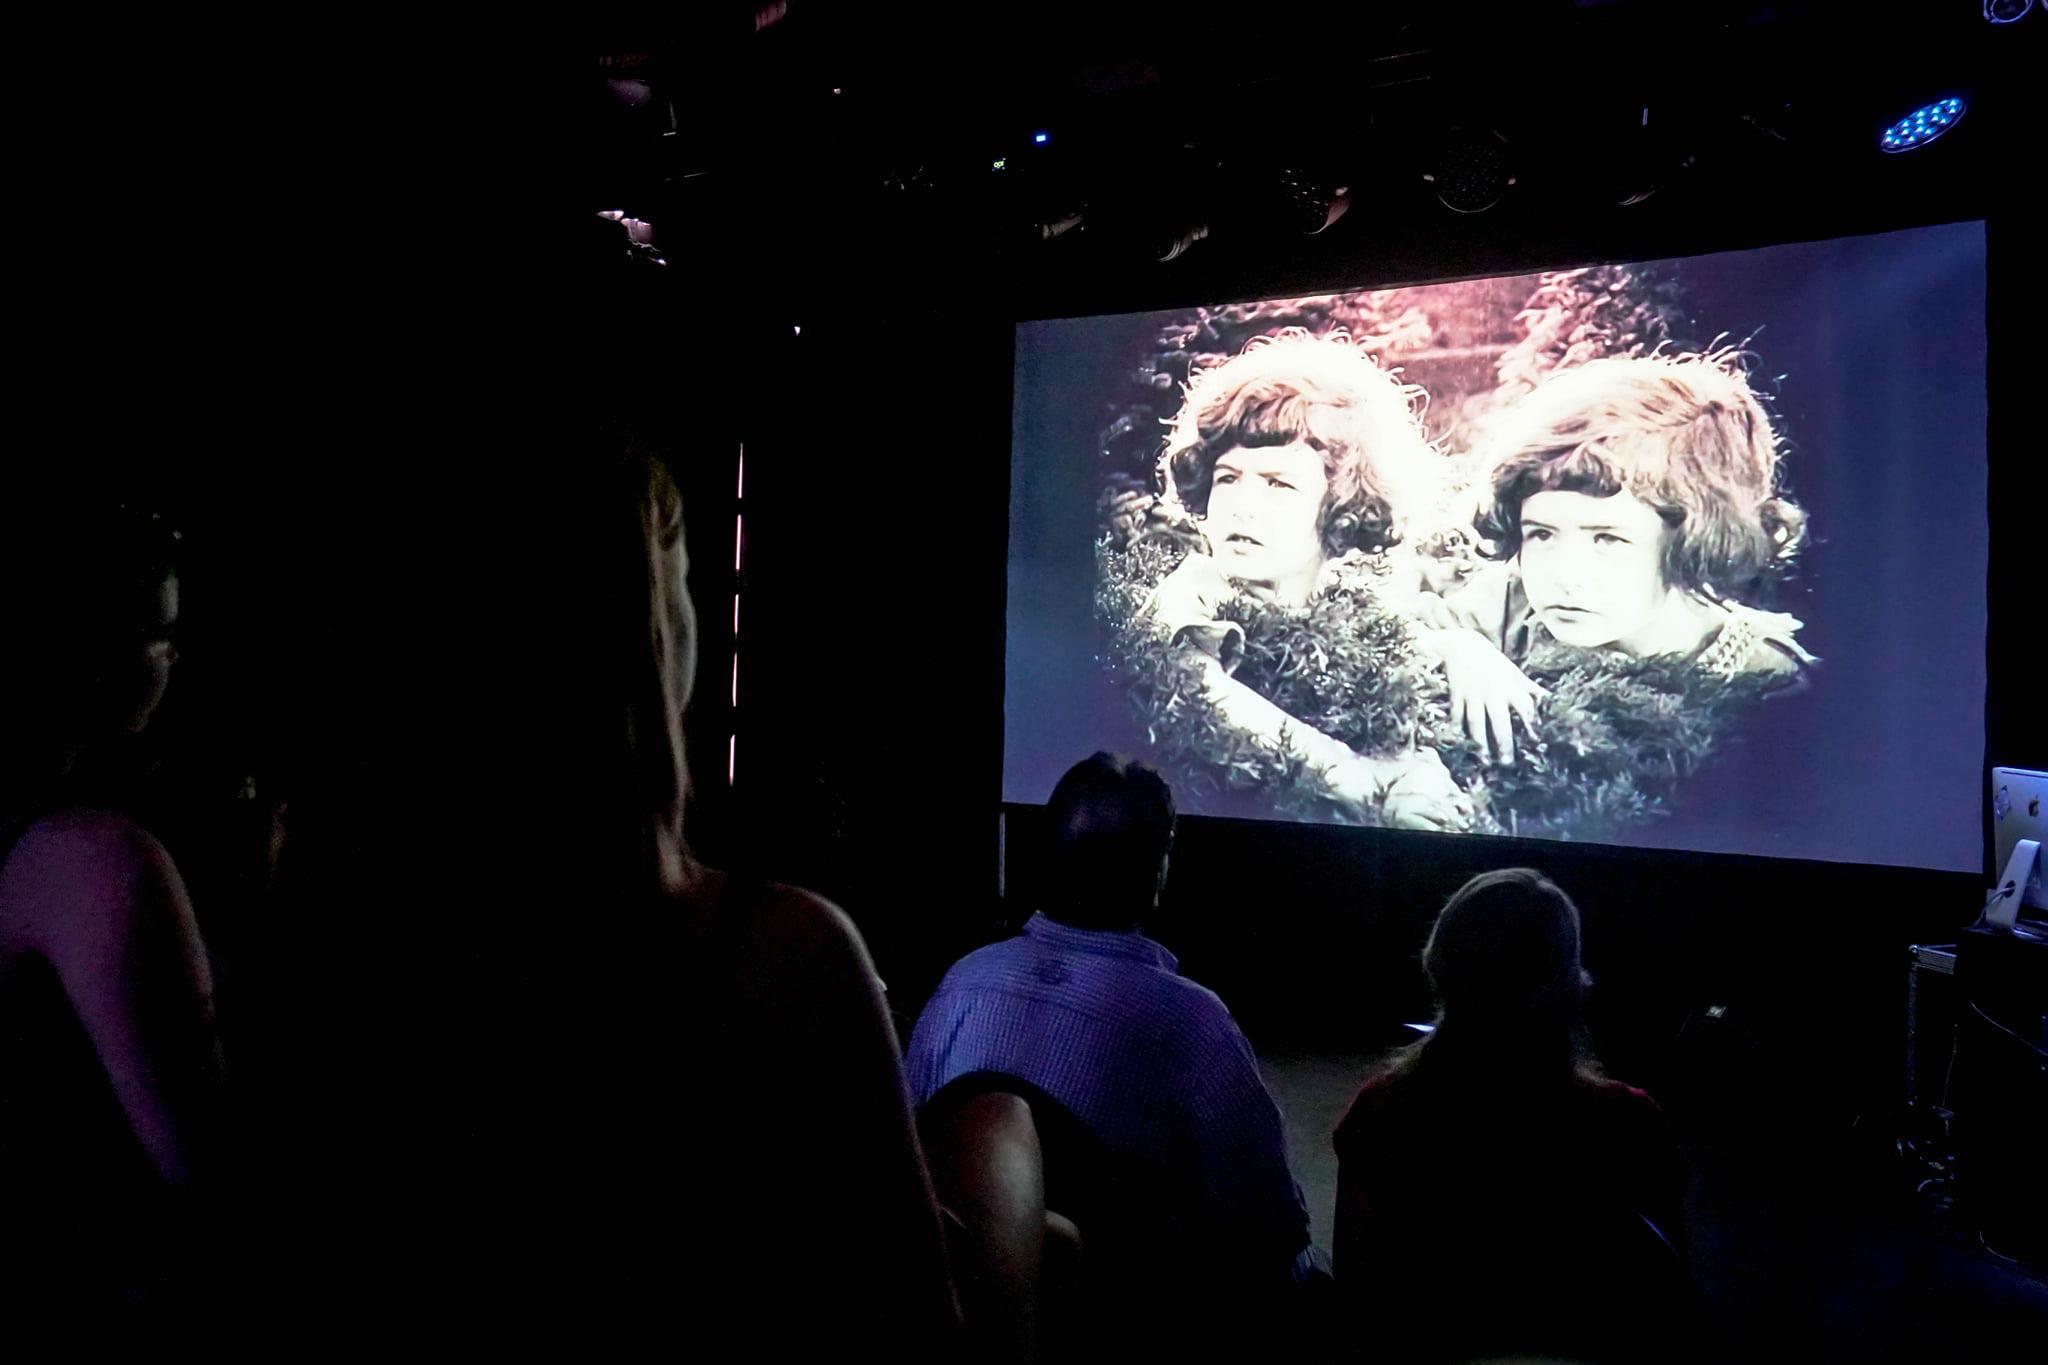 A zene tarthatja életben a némafilmeket – Pályázatot hirdet a Művészetek Völgye